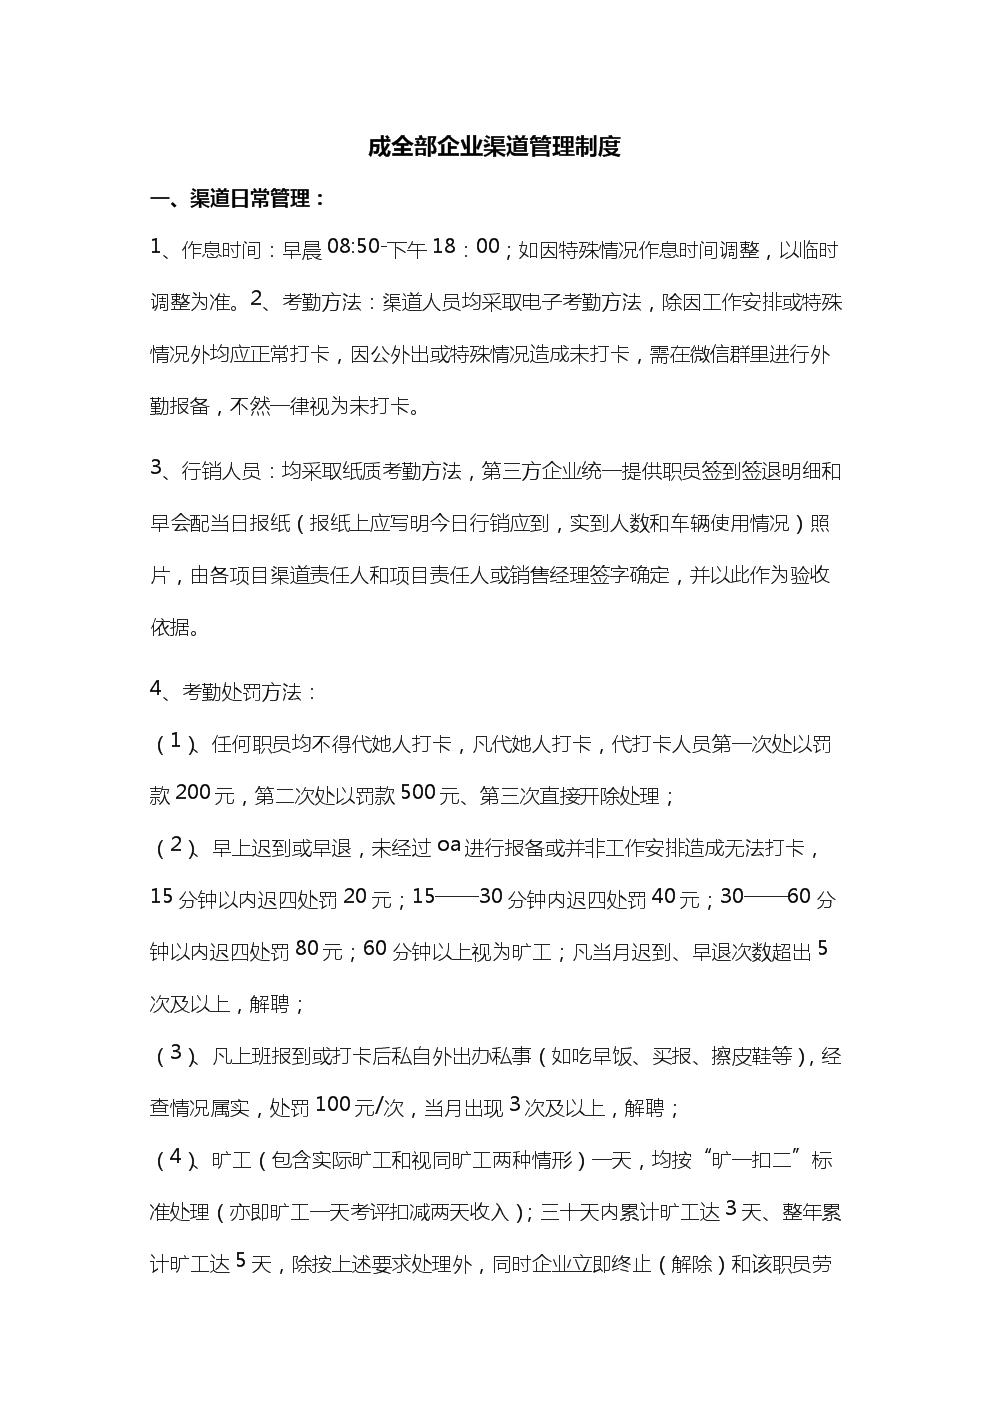 渠道管理新规制度修订.docx